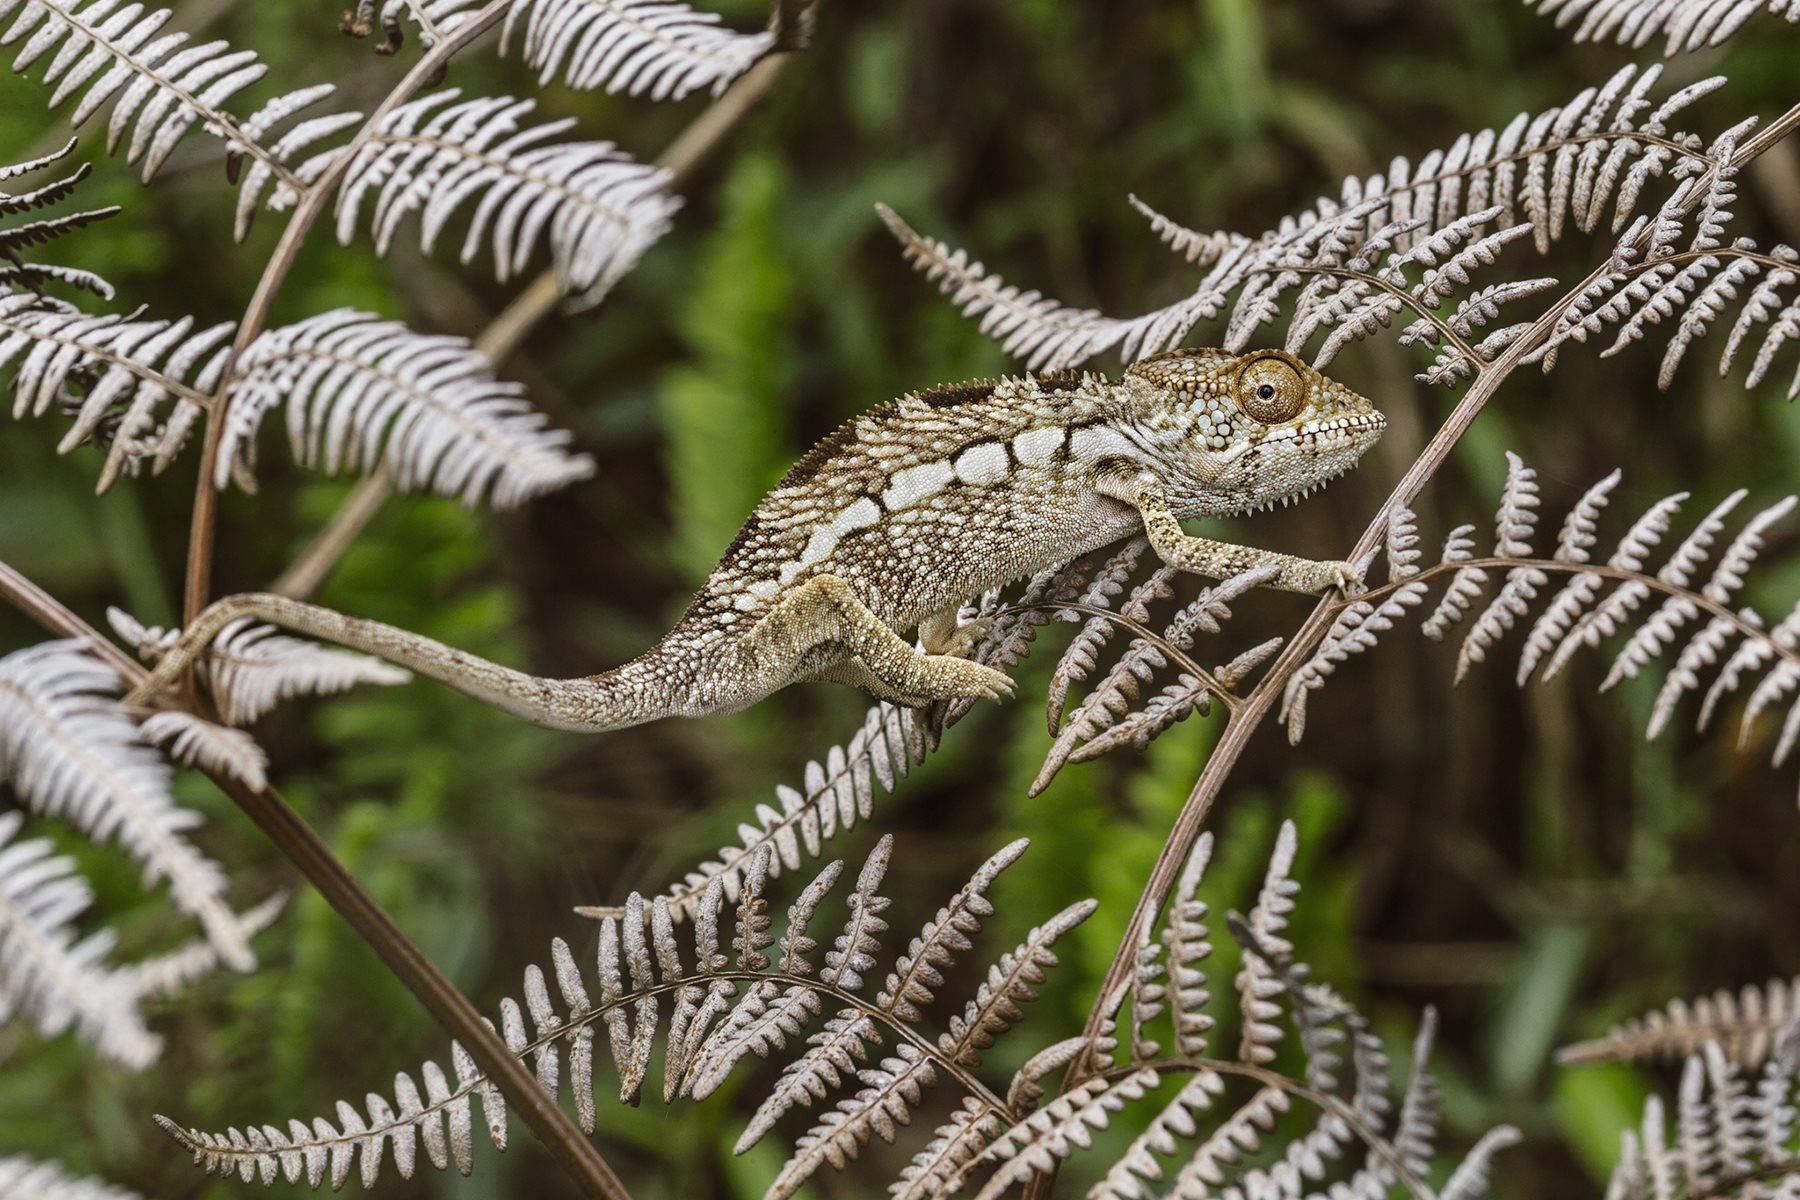 Cuanto mejor se camufle en su entorno, más a salvo estará de sus depredadores este joven ejemplar de camaleón pantera. La especie es nativa de Madagascar y del continente africano.